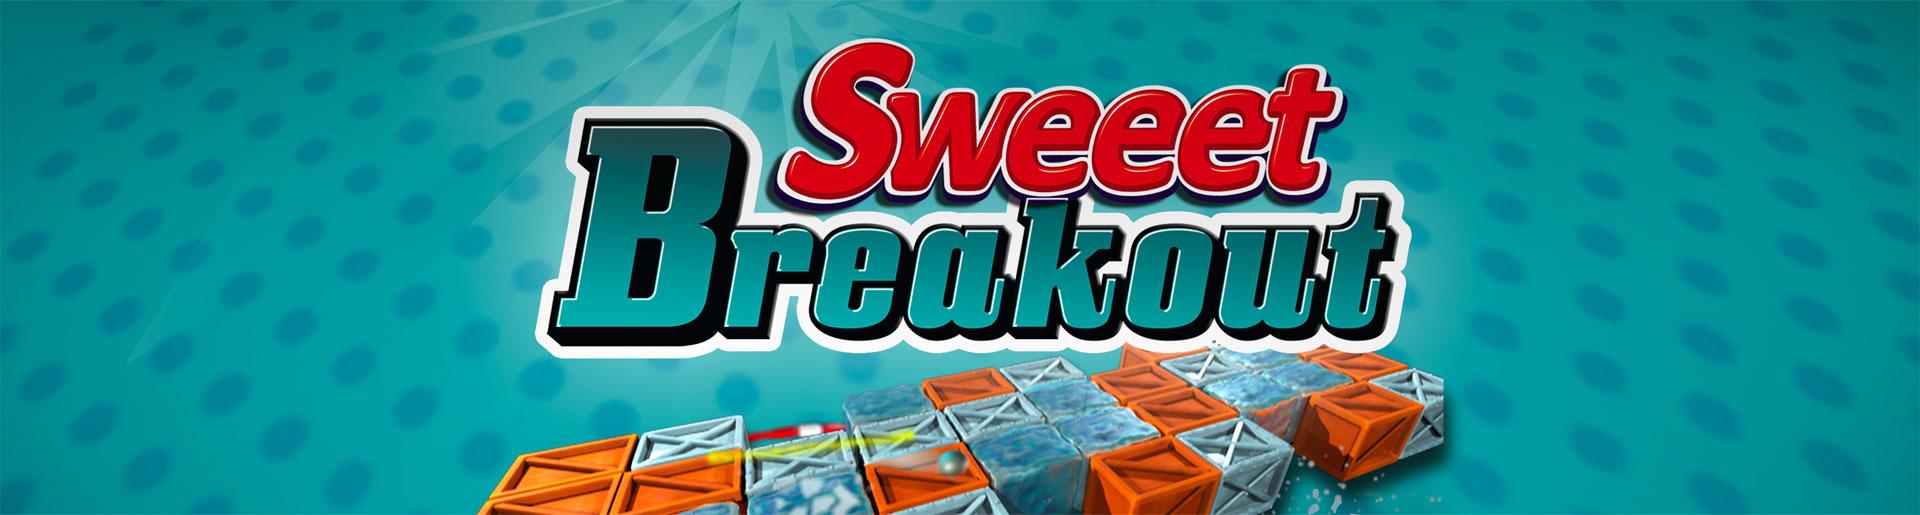 Sweeet Breakout